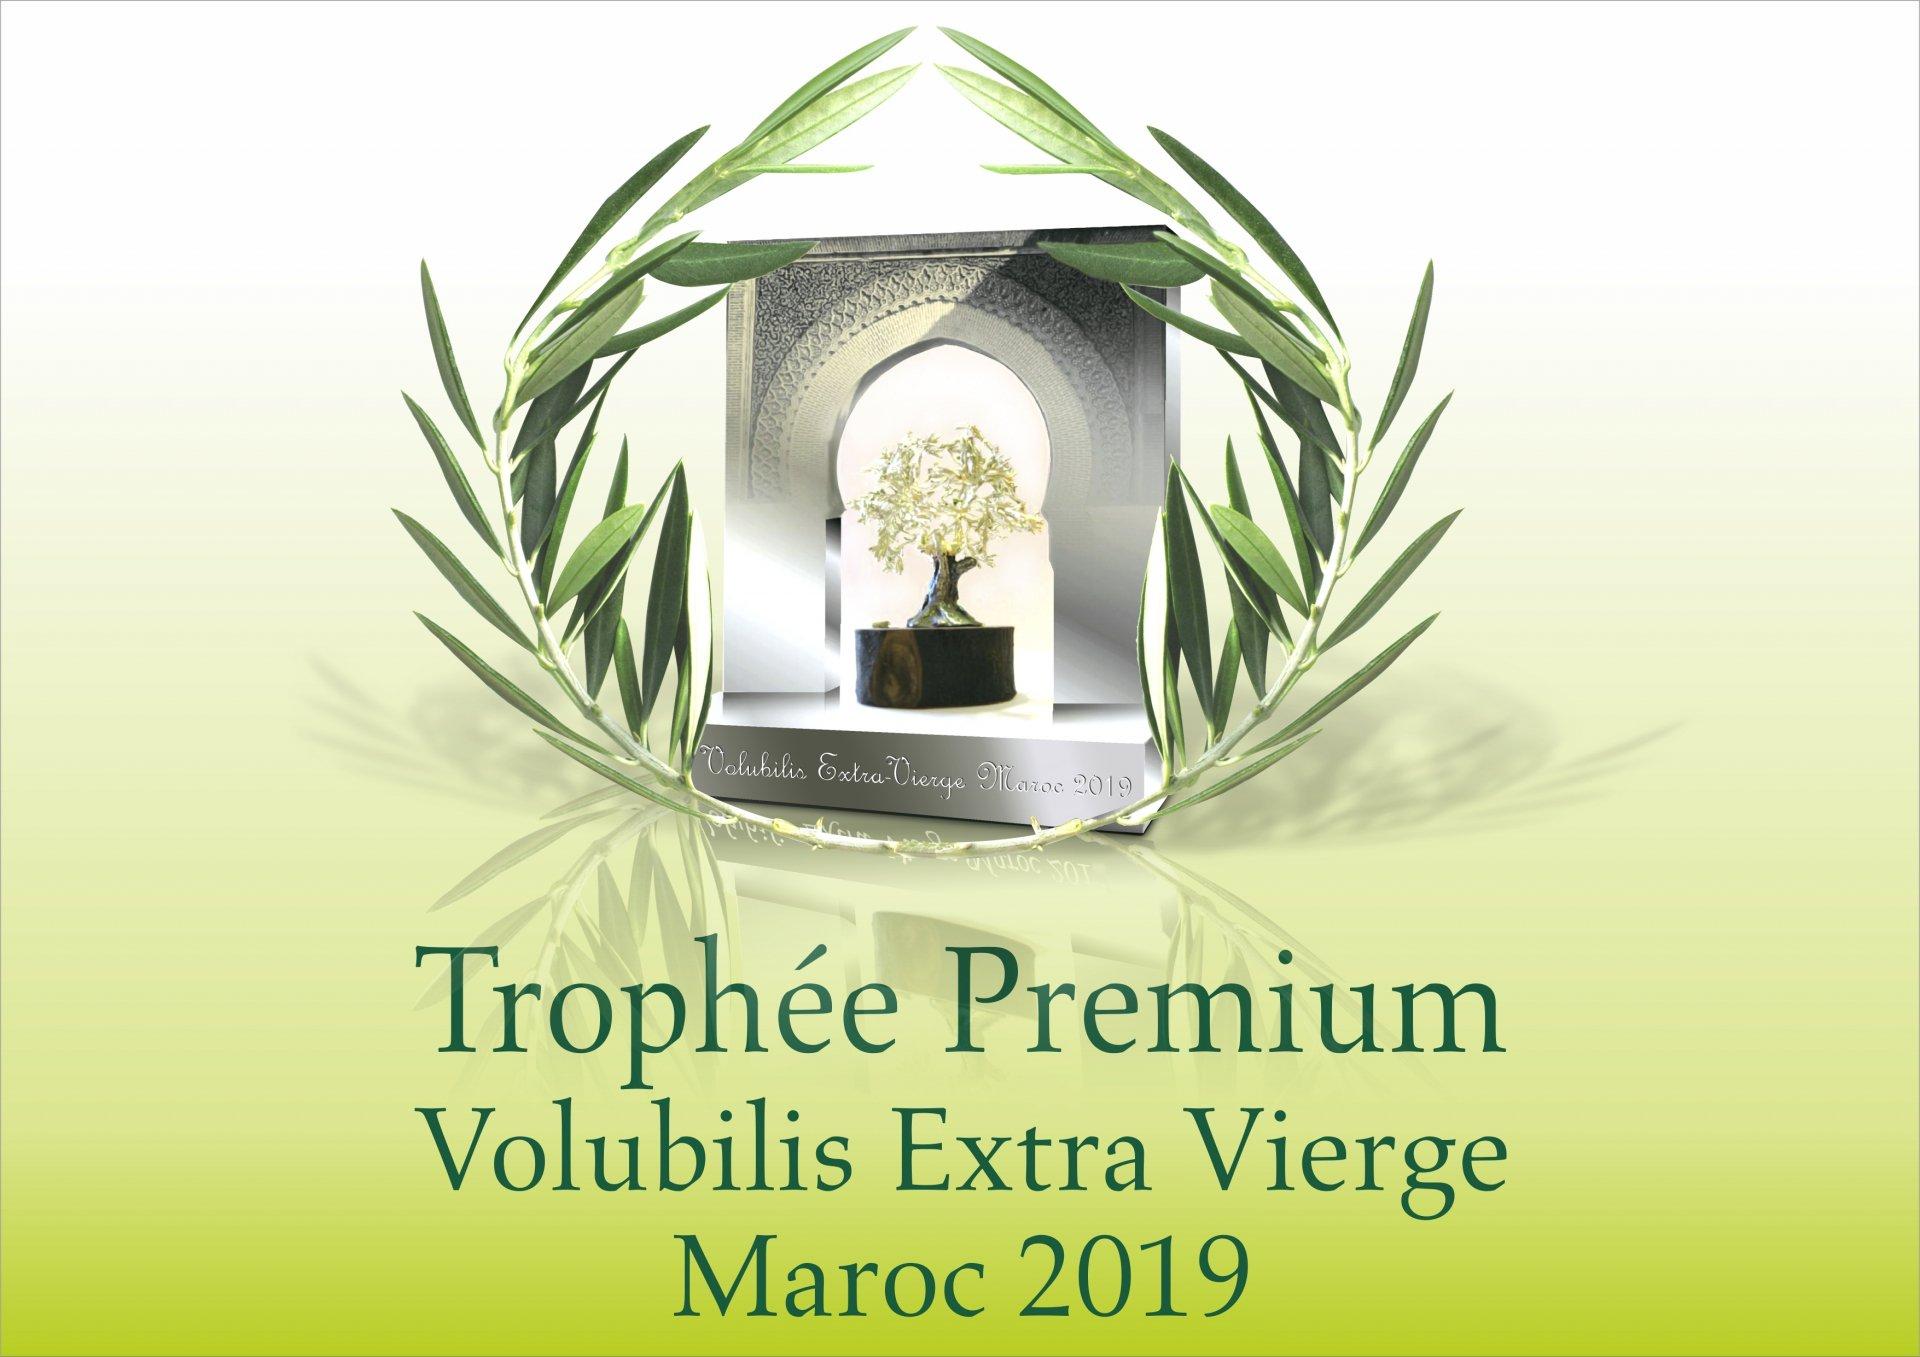 Agro-pôle Olivier Meknès: promotion de l'huile olive marocaine de qualité premium